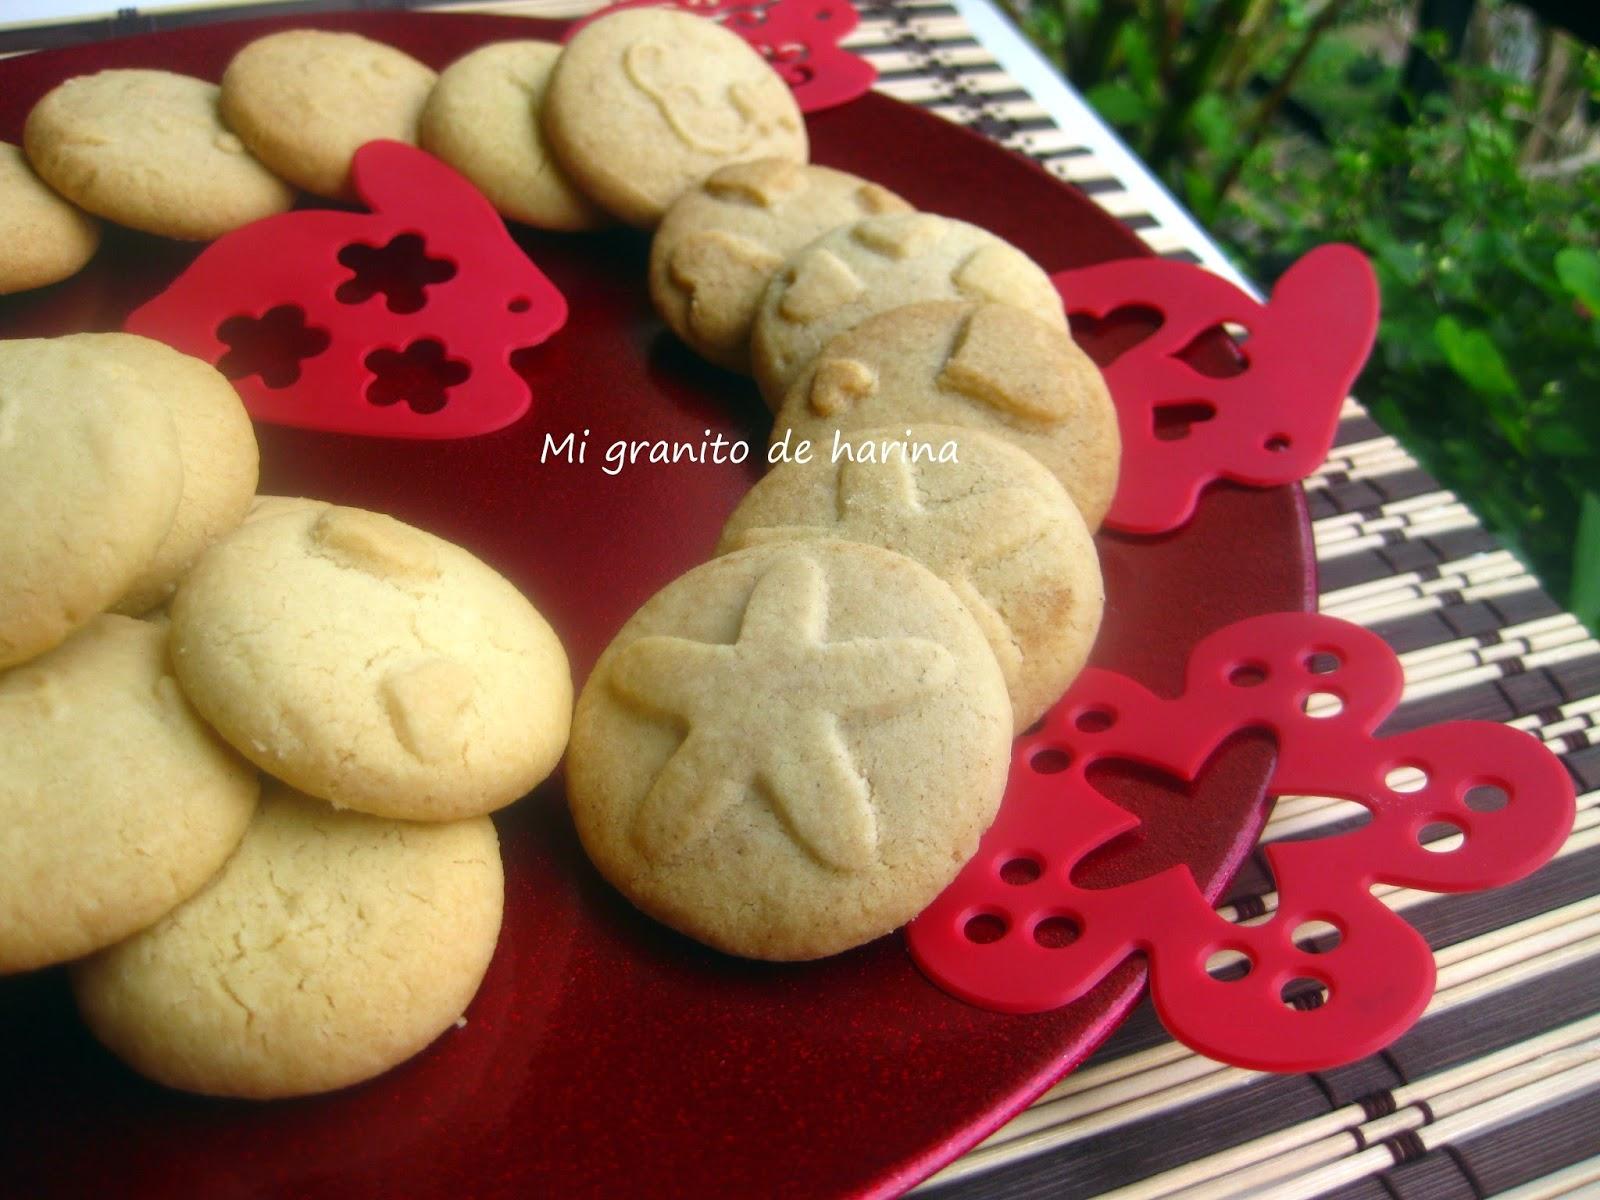 Podemos usar los stencils para crear relieves en las galletas antes de hornearlas. Quedan muy originales y divertidas.